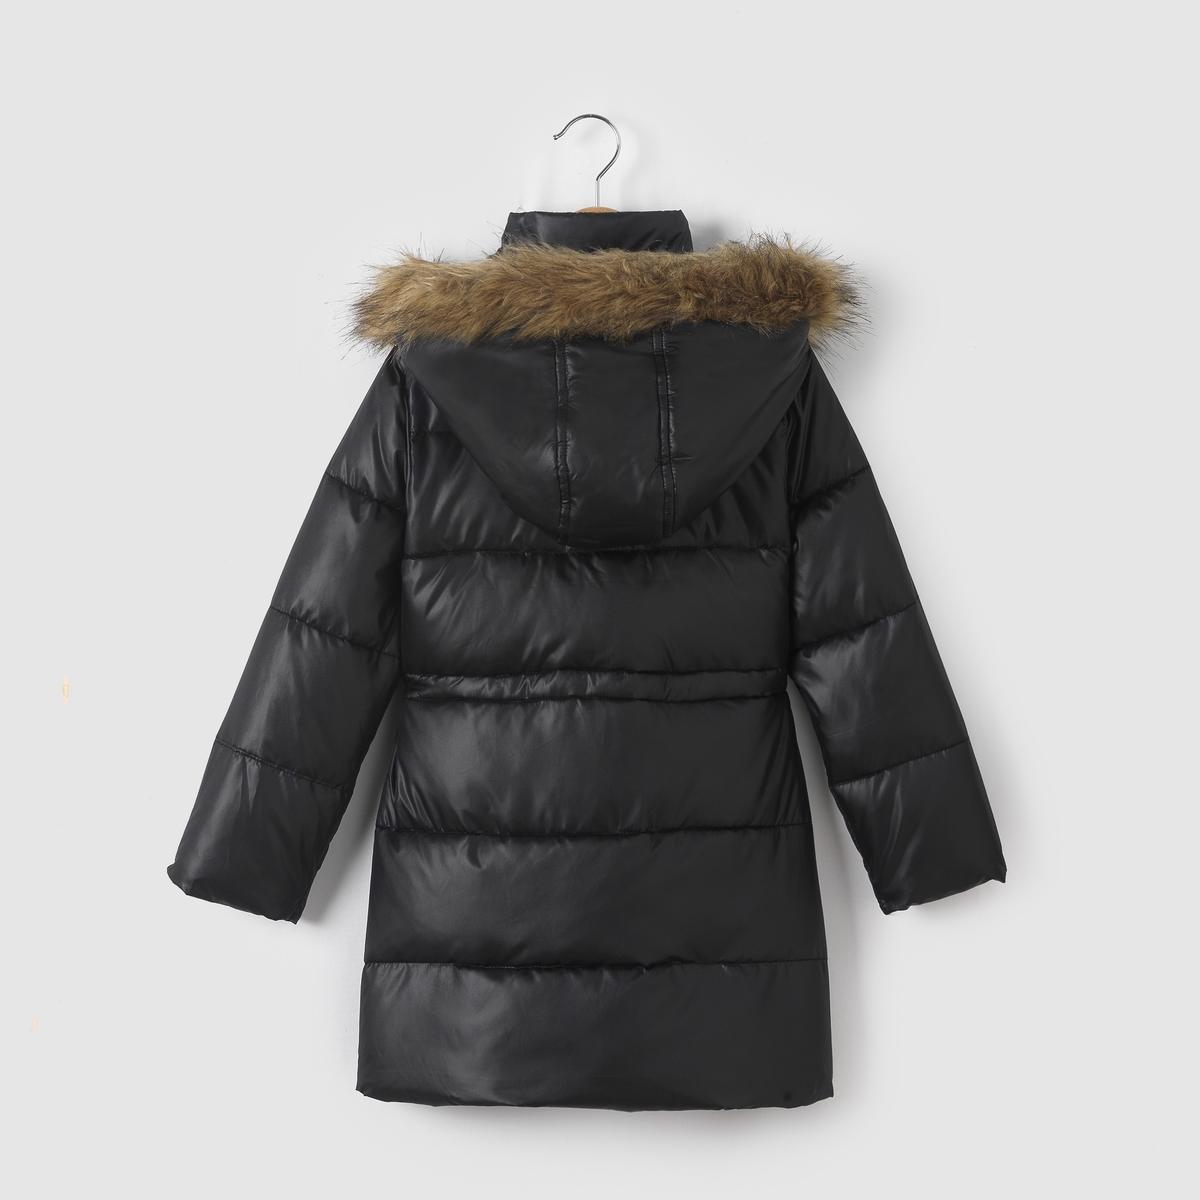 Стеганая куртка с капюшоном 3-12 летСтеганая куртка с капюшоном, на ватине и флисовой подкладке, с водоотталкивающей пропиткой. Капюшон оторочен искусственным мехом. Супатная застежка на молнию и пуговицы. Внутренняя завязка . 2 кармана спереди.Состав и описание : Материал         100% полиэстера. Искусственный мех 42% акрила, 35% полиэстера, 23% модакрила .Подкладка      100% полиэстер     Наполнитель     100% полиэстер Марка         R essentiel  Уход :Машинная стирка при 30°C с вещами подобных цветов.Стирать и гладить с изнаночной стороны.Машинная сушка в умеренном режиме..Гладить при умеренной температуре.<br><br>Цвет: черный<br>Размер: 3 года - 94 см.4 года - 102 см